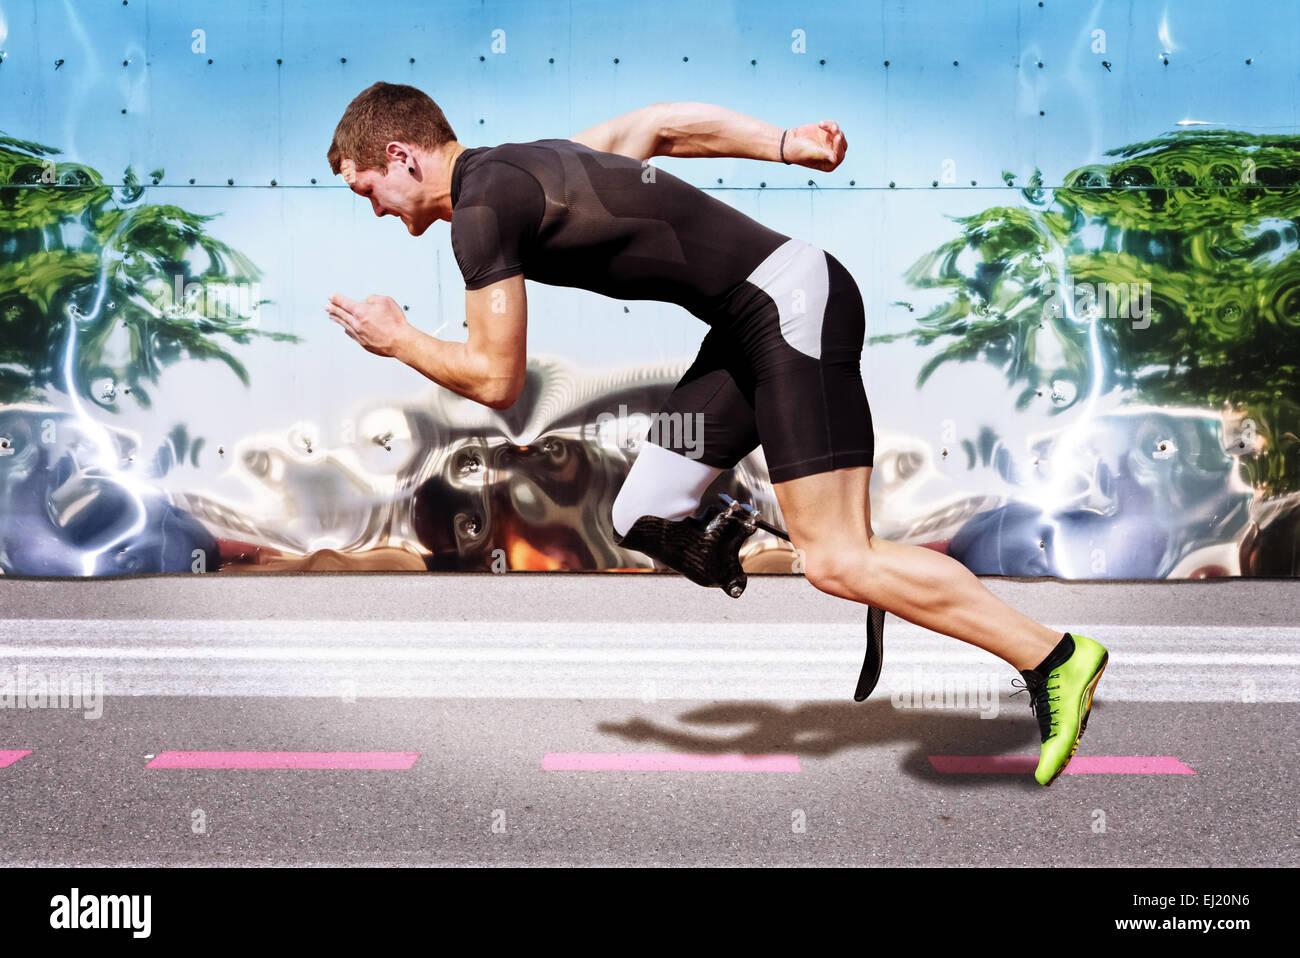 Explosive Sprint der männlichen Athleten auf der Fahrbahn mit stark reflektierenden metallischen Hintergrund. Stockbild